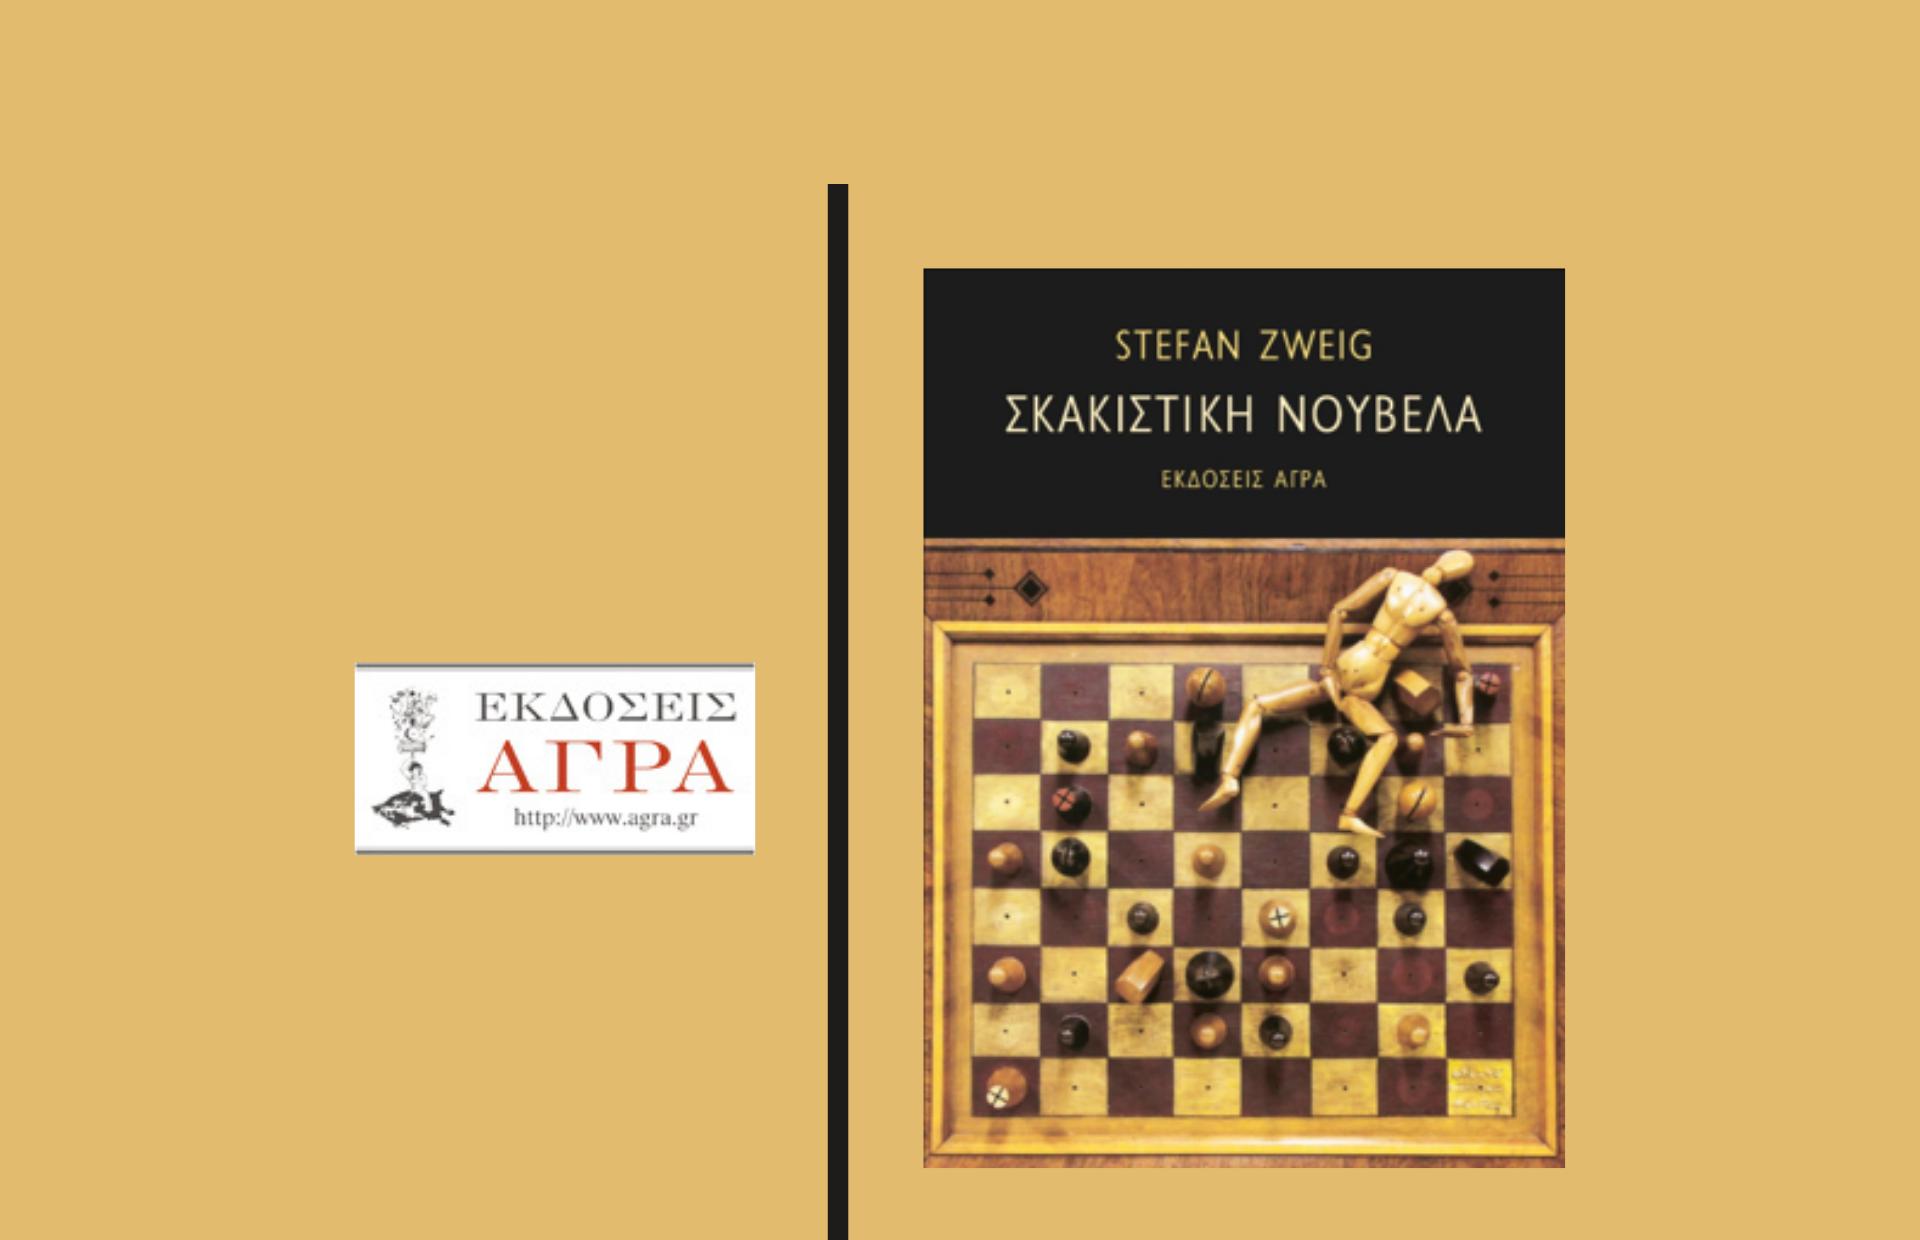 Σκακιστική νουβέλα του Stefan Sweig | Εκδόσεις Άγρα